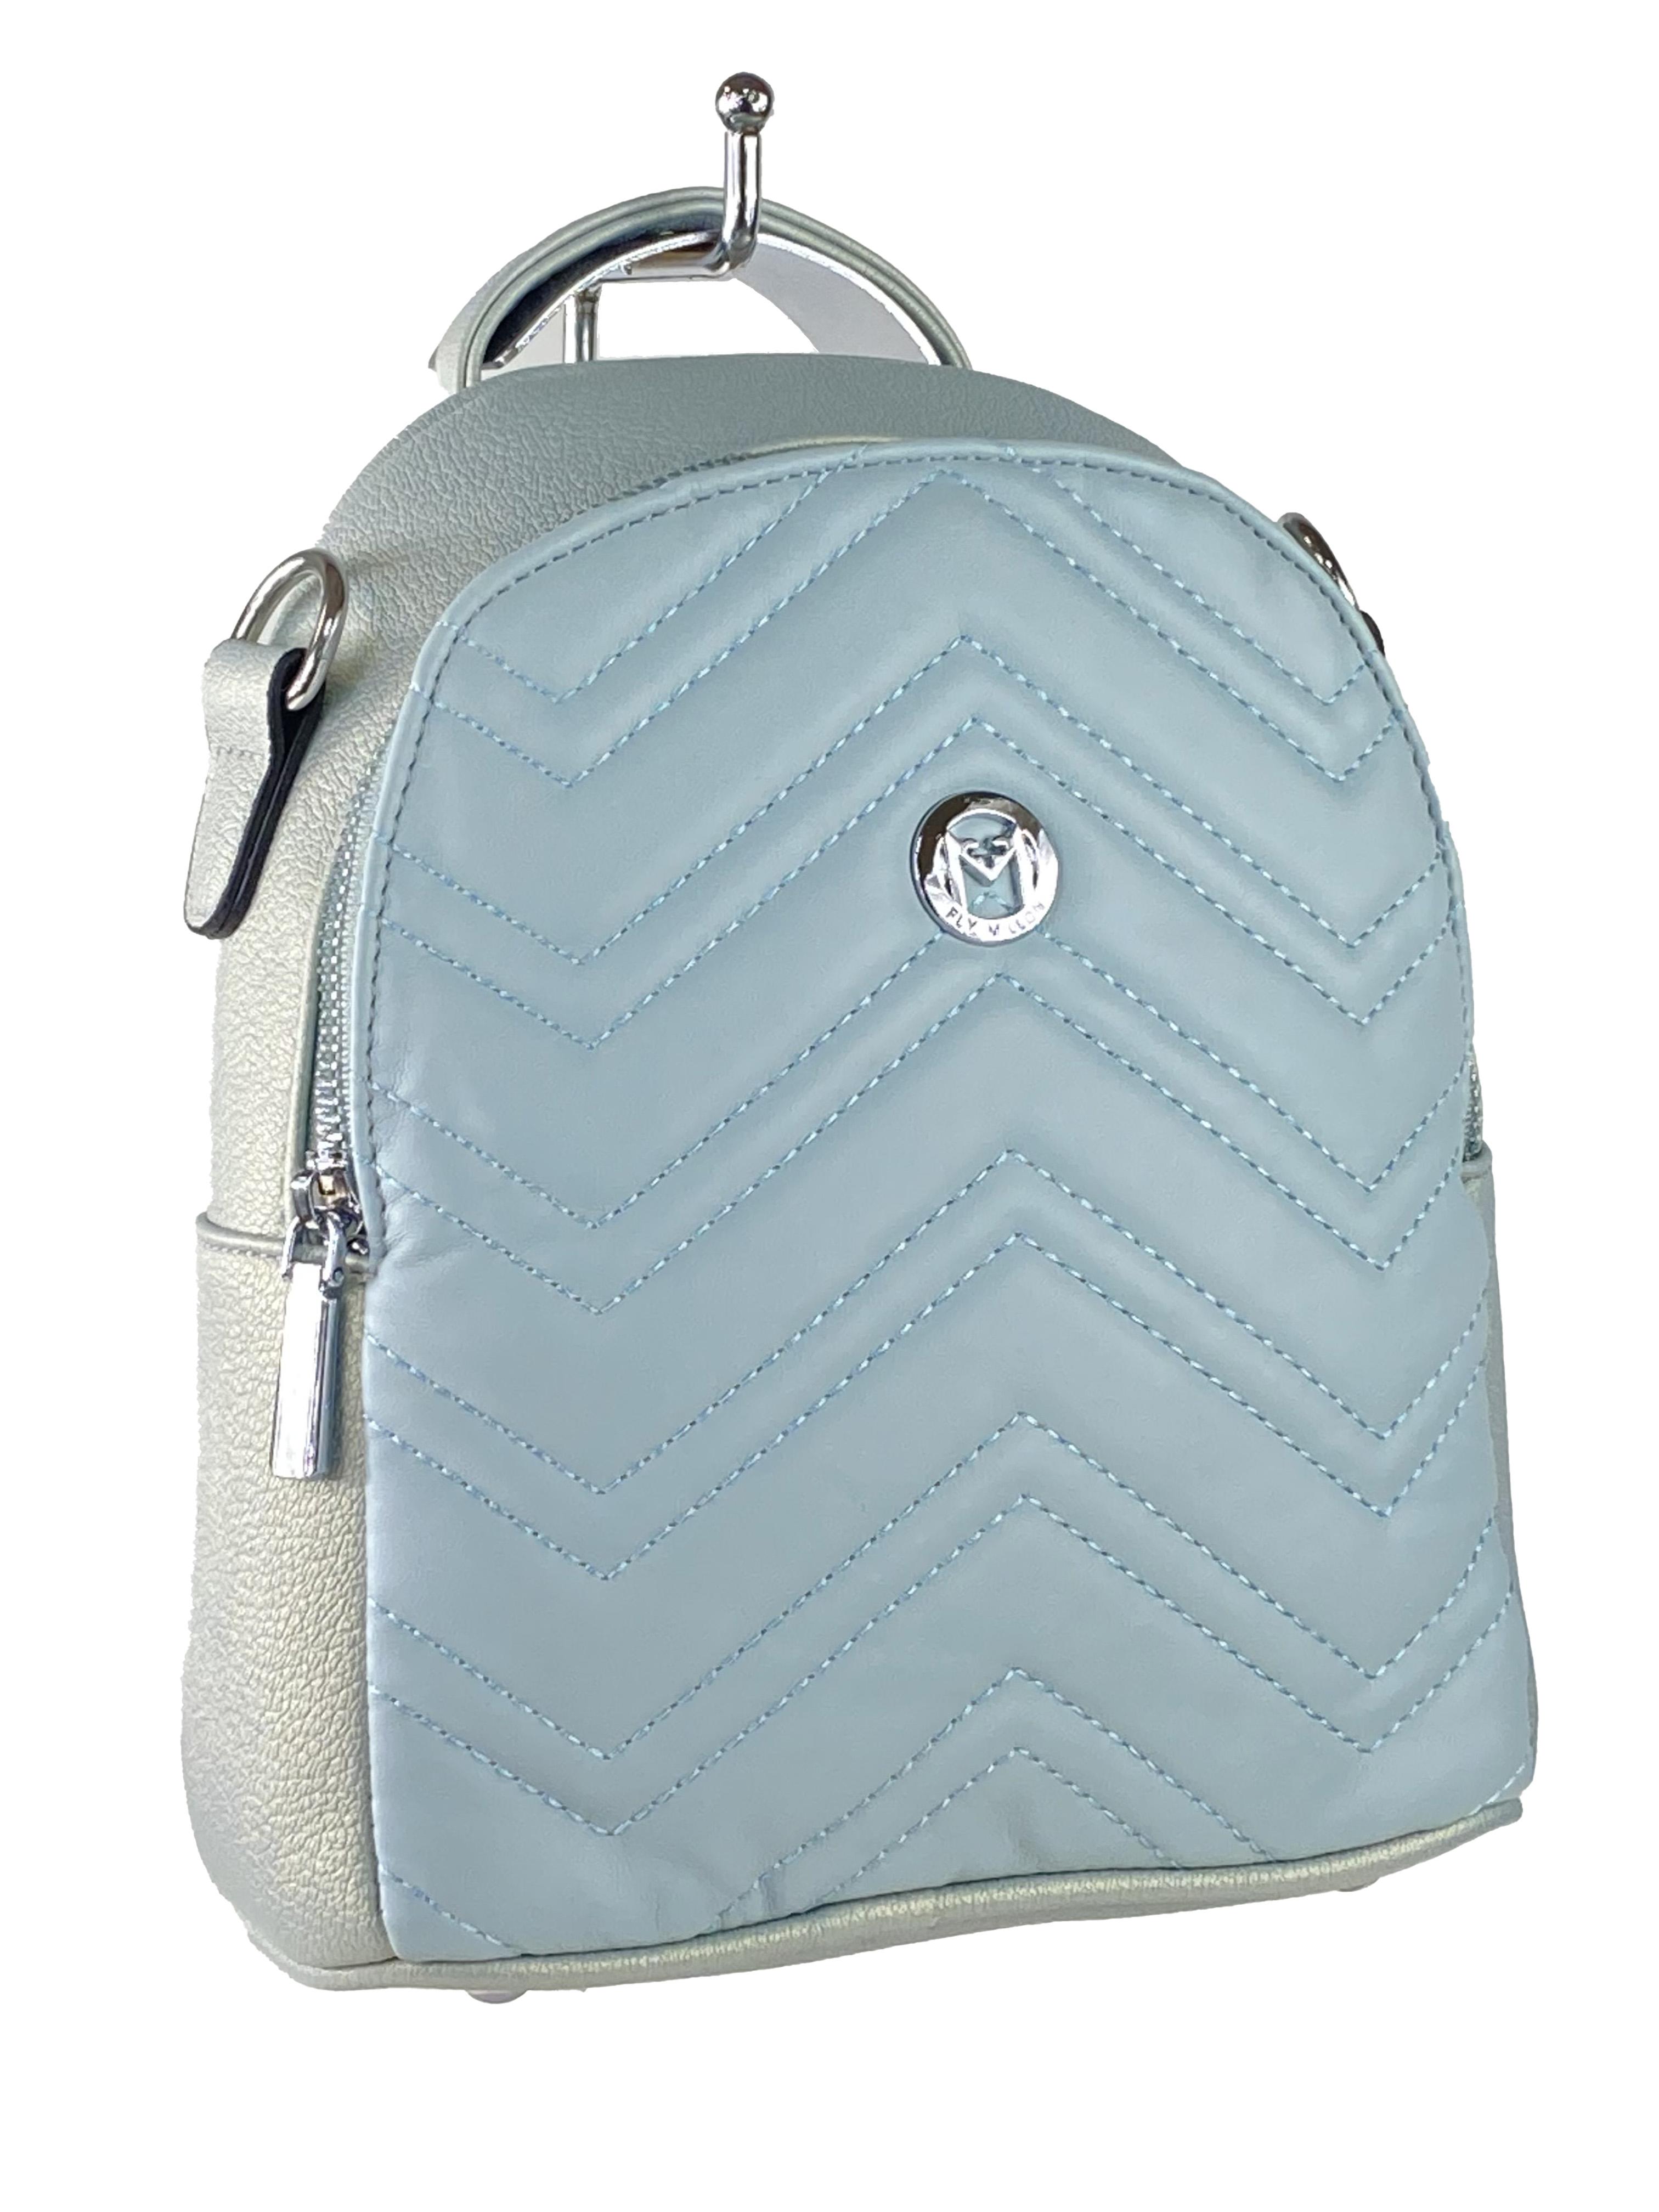 Женский стёганый рюкзачок-трансформер из экокожи, цвет бледно-бирюзовый с перламутром